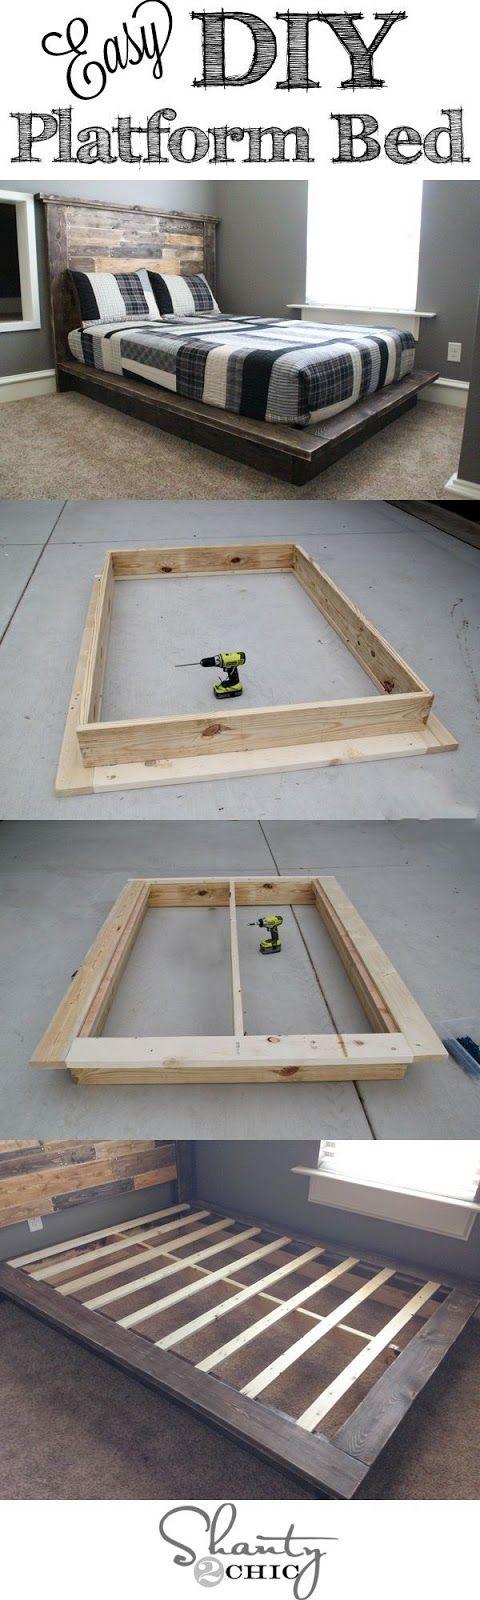 Easy DIY Platform Bed | Pife